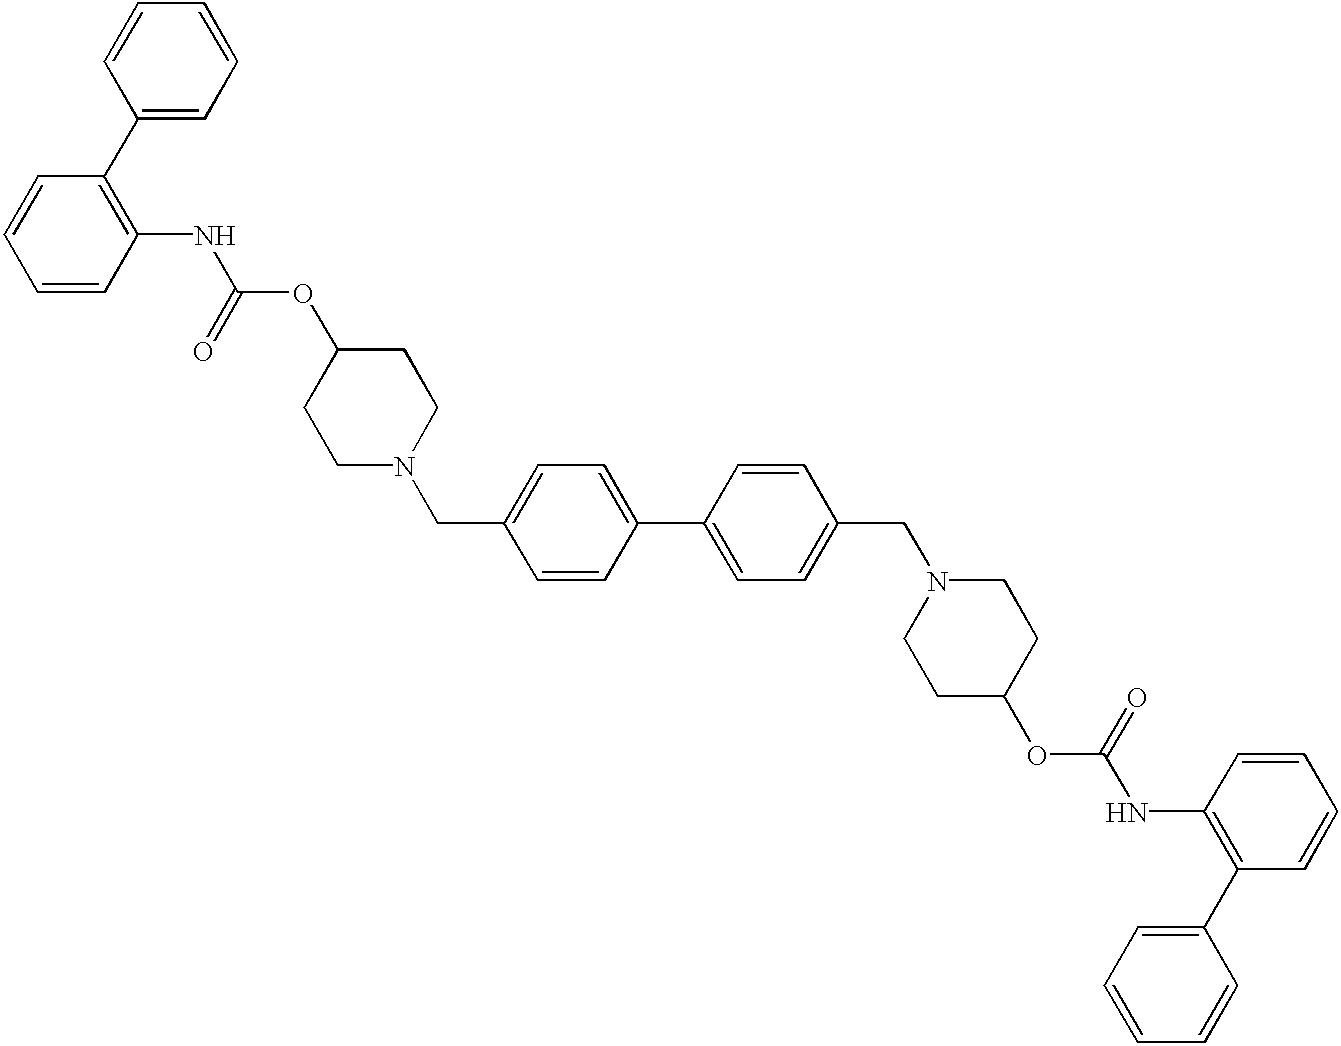 Figure US06693202-20040217-C00538